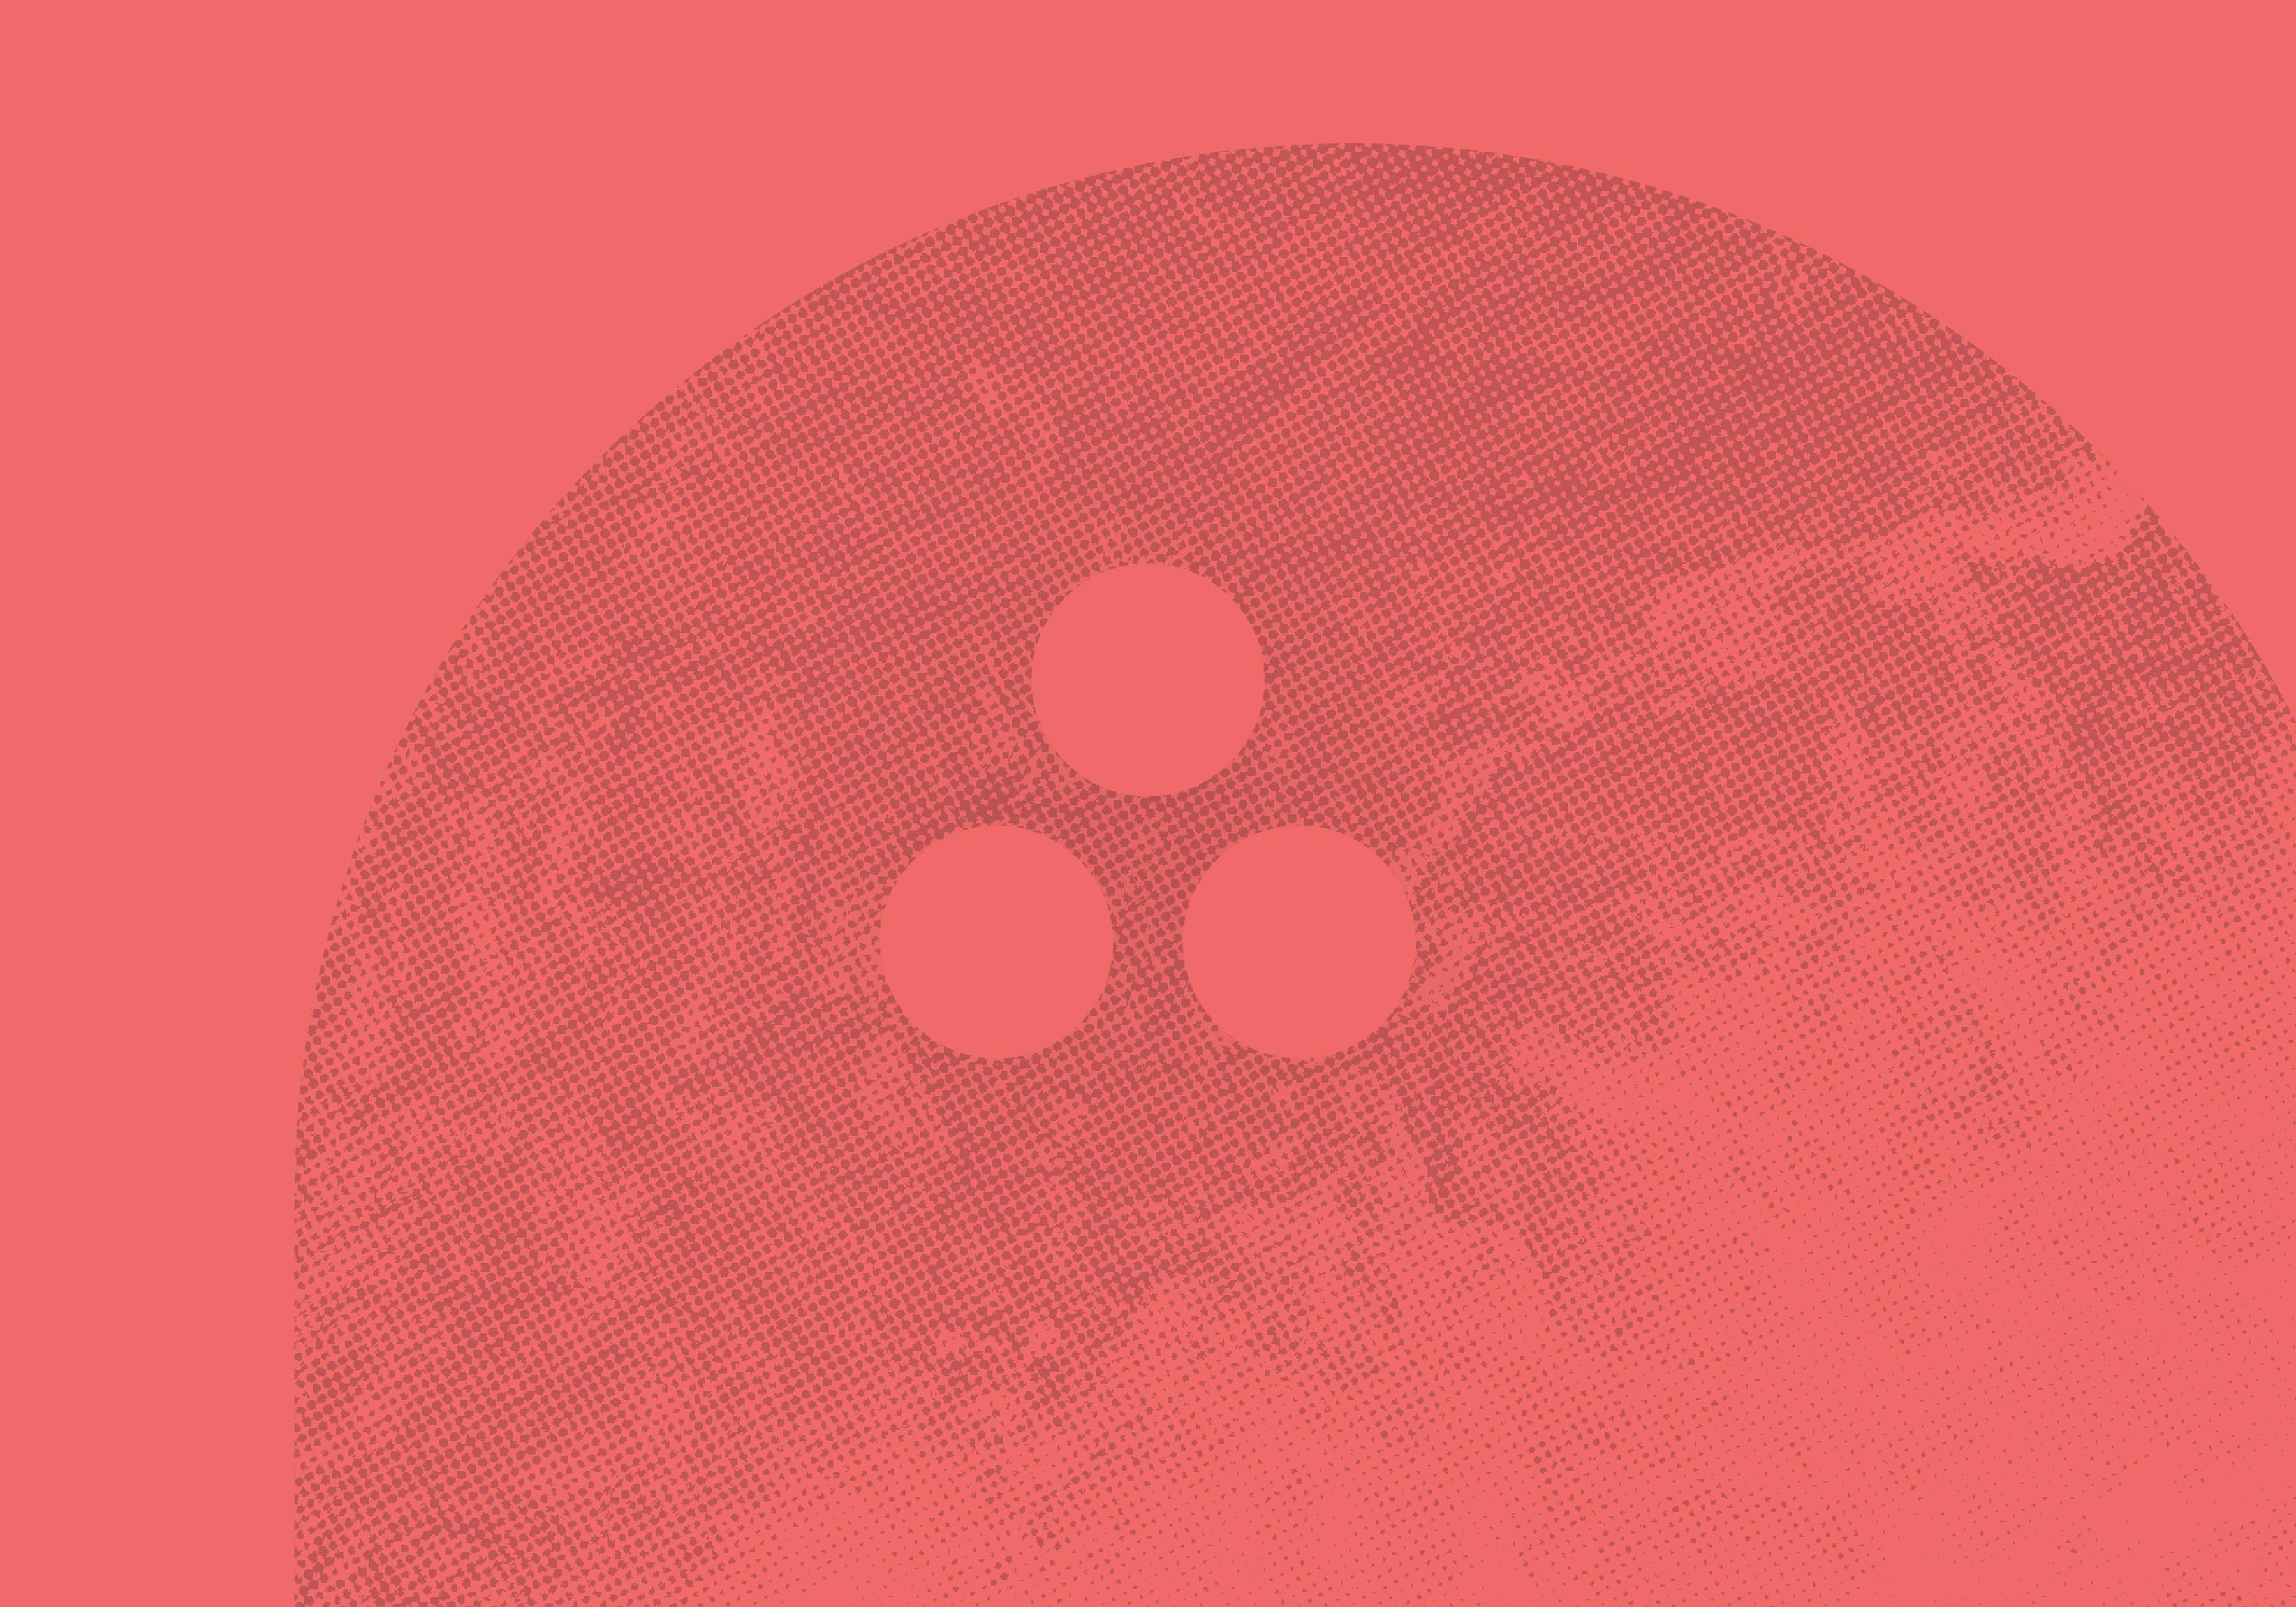 プロジェクトのポストモーテムのヒント - ヘッダー画像